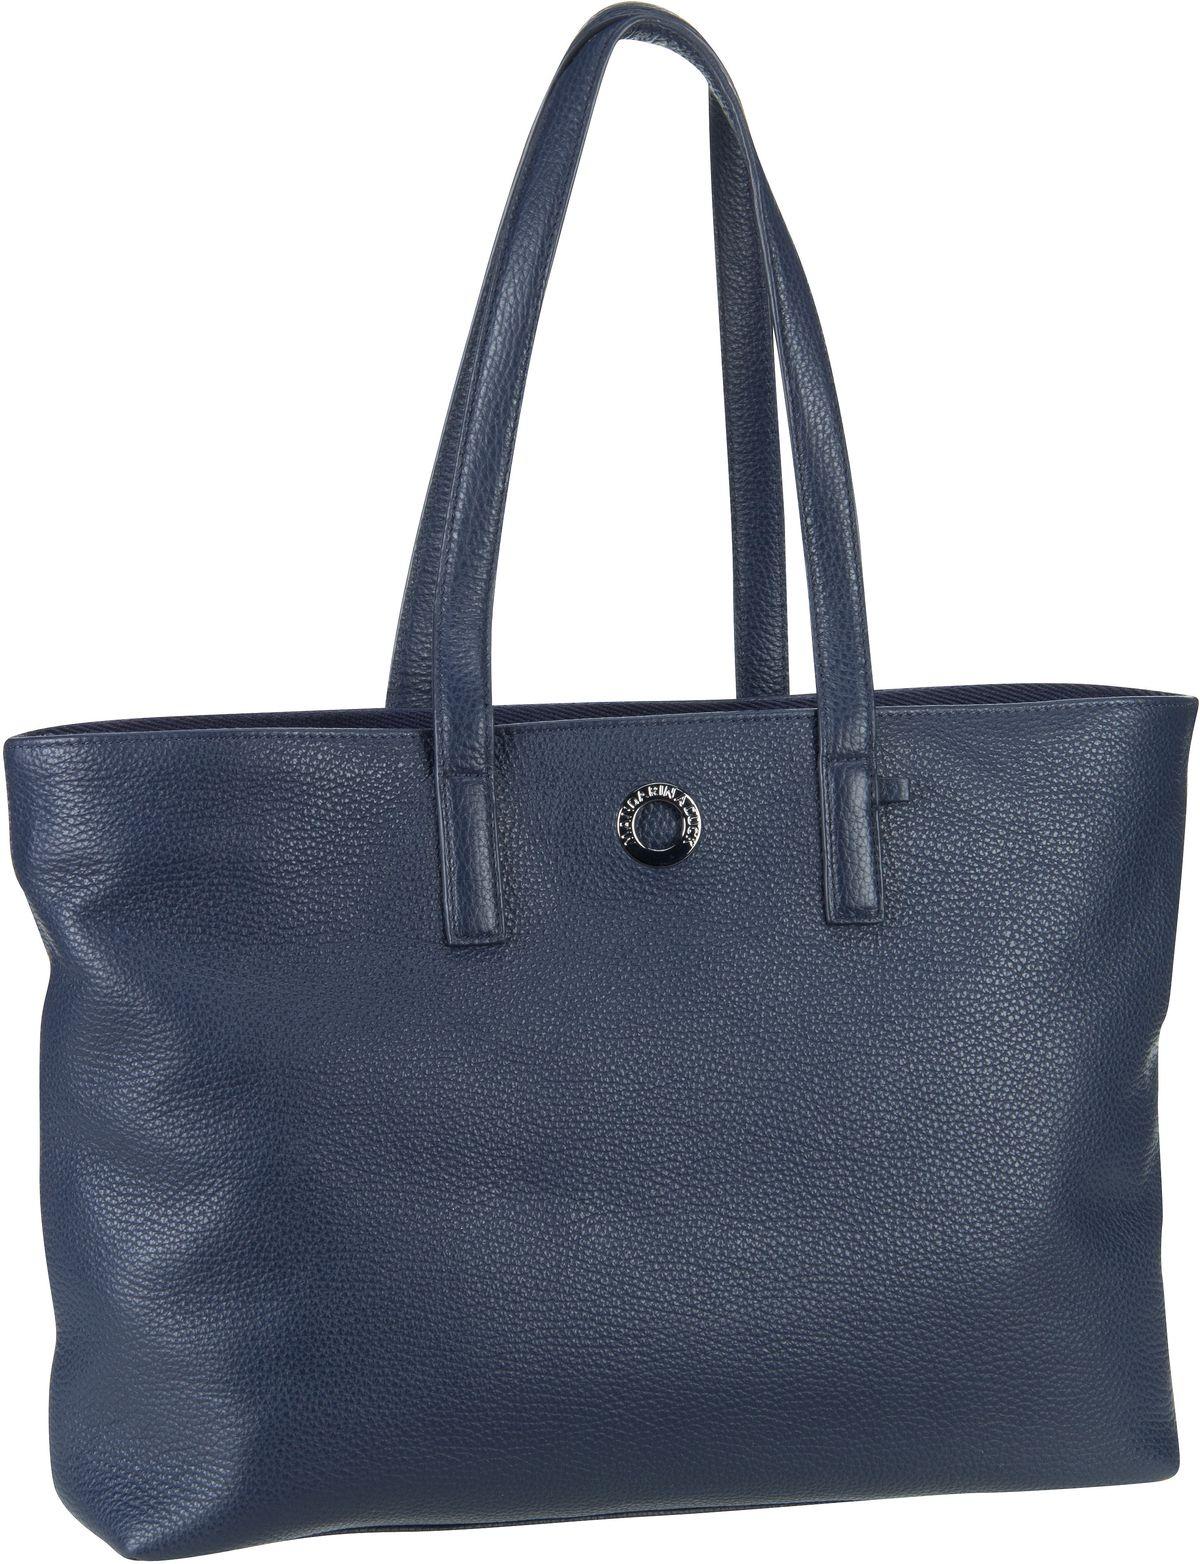 Handtasche Mellow Leather Shopping Bag FZT24 Dress Blue